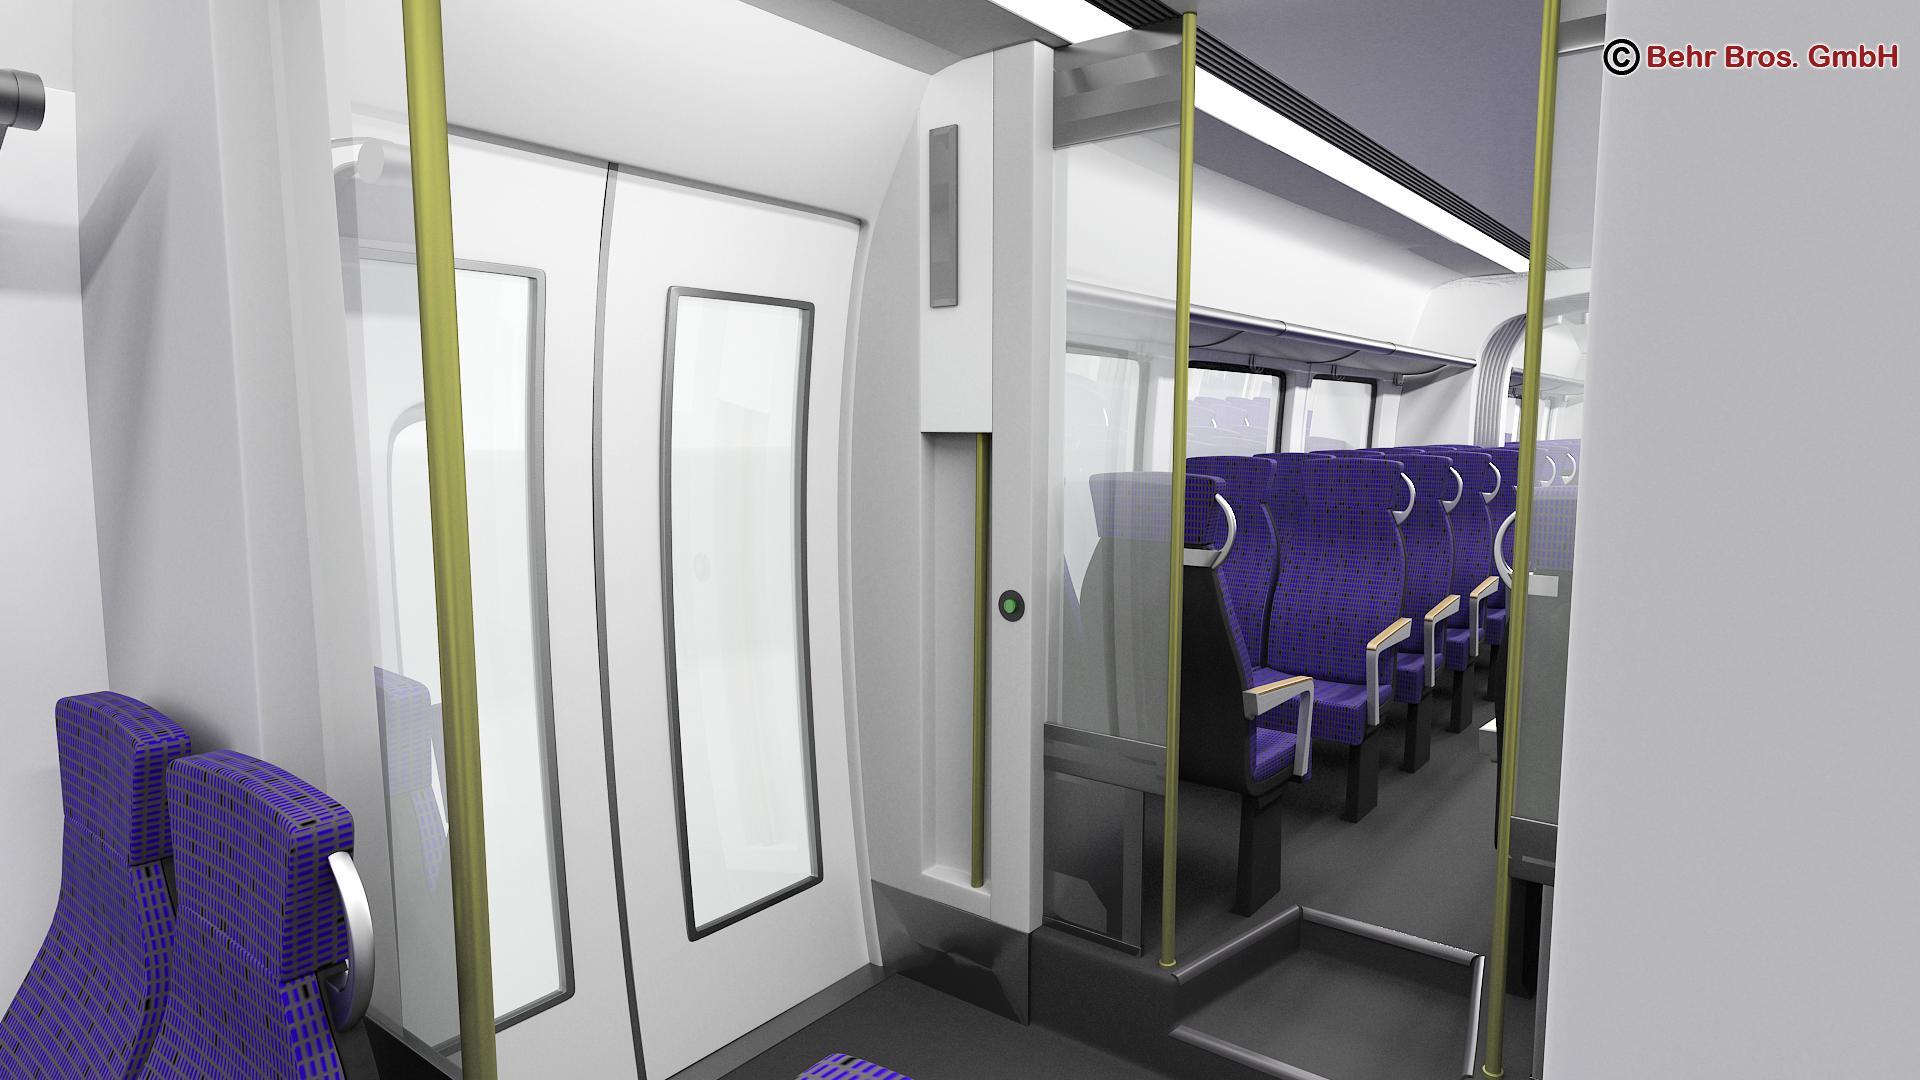 generic commuter train 3d model 3ds max fbx c4d ma mb obj 206648